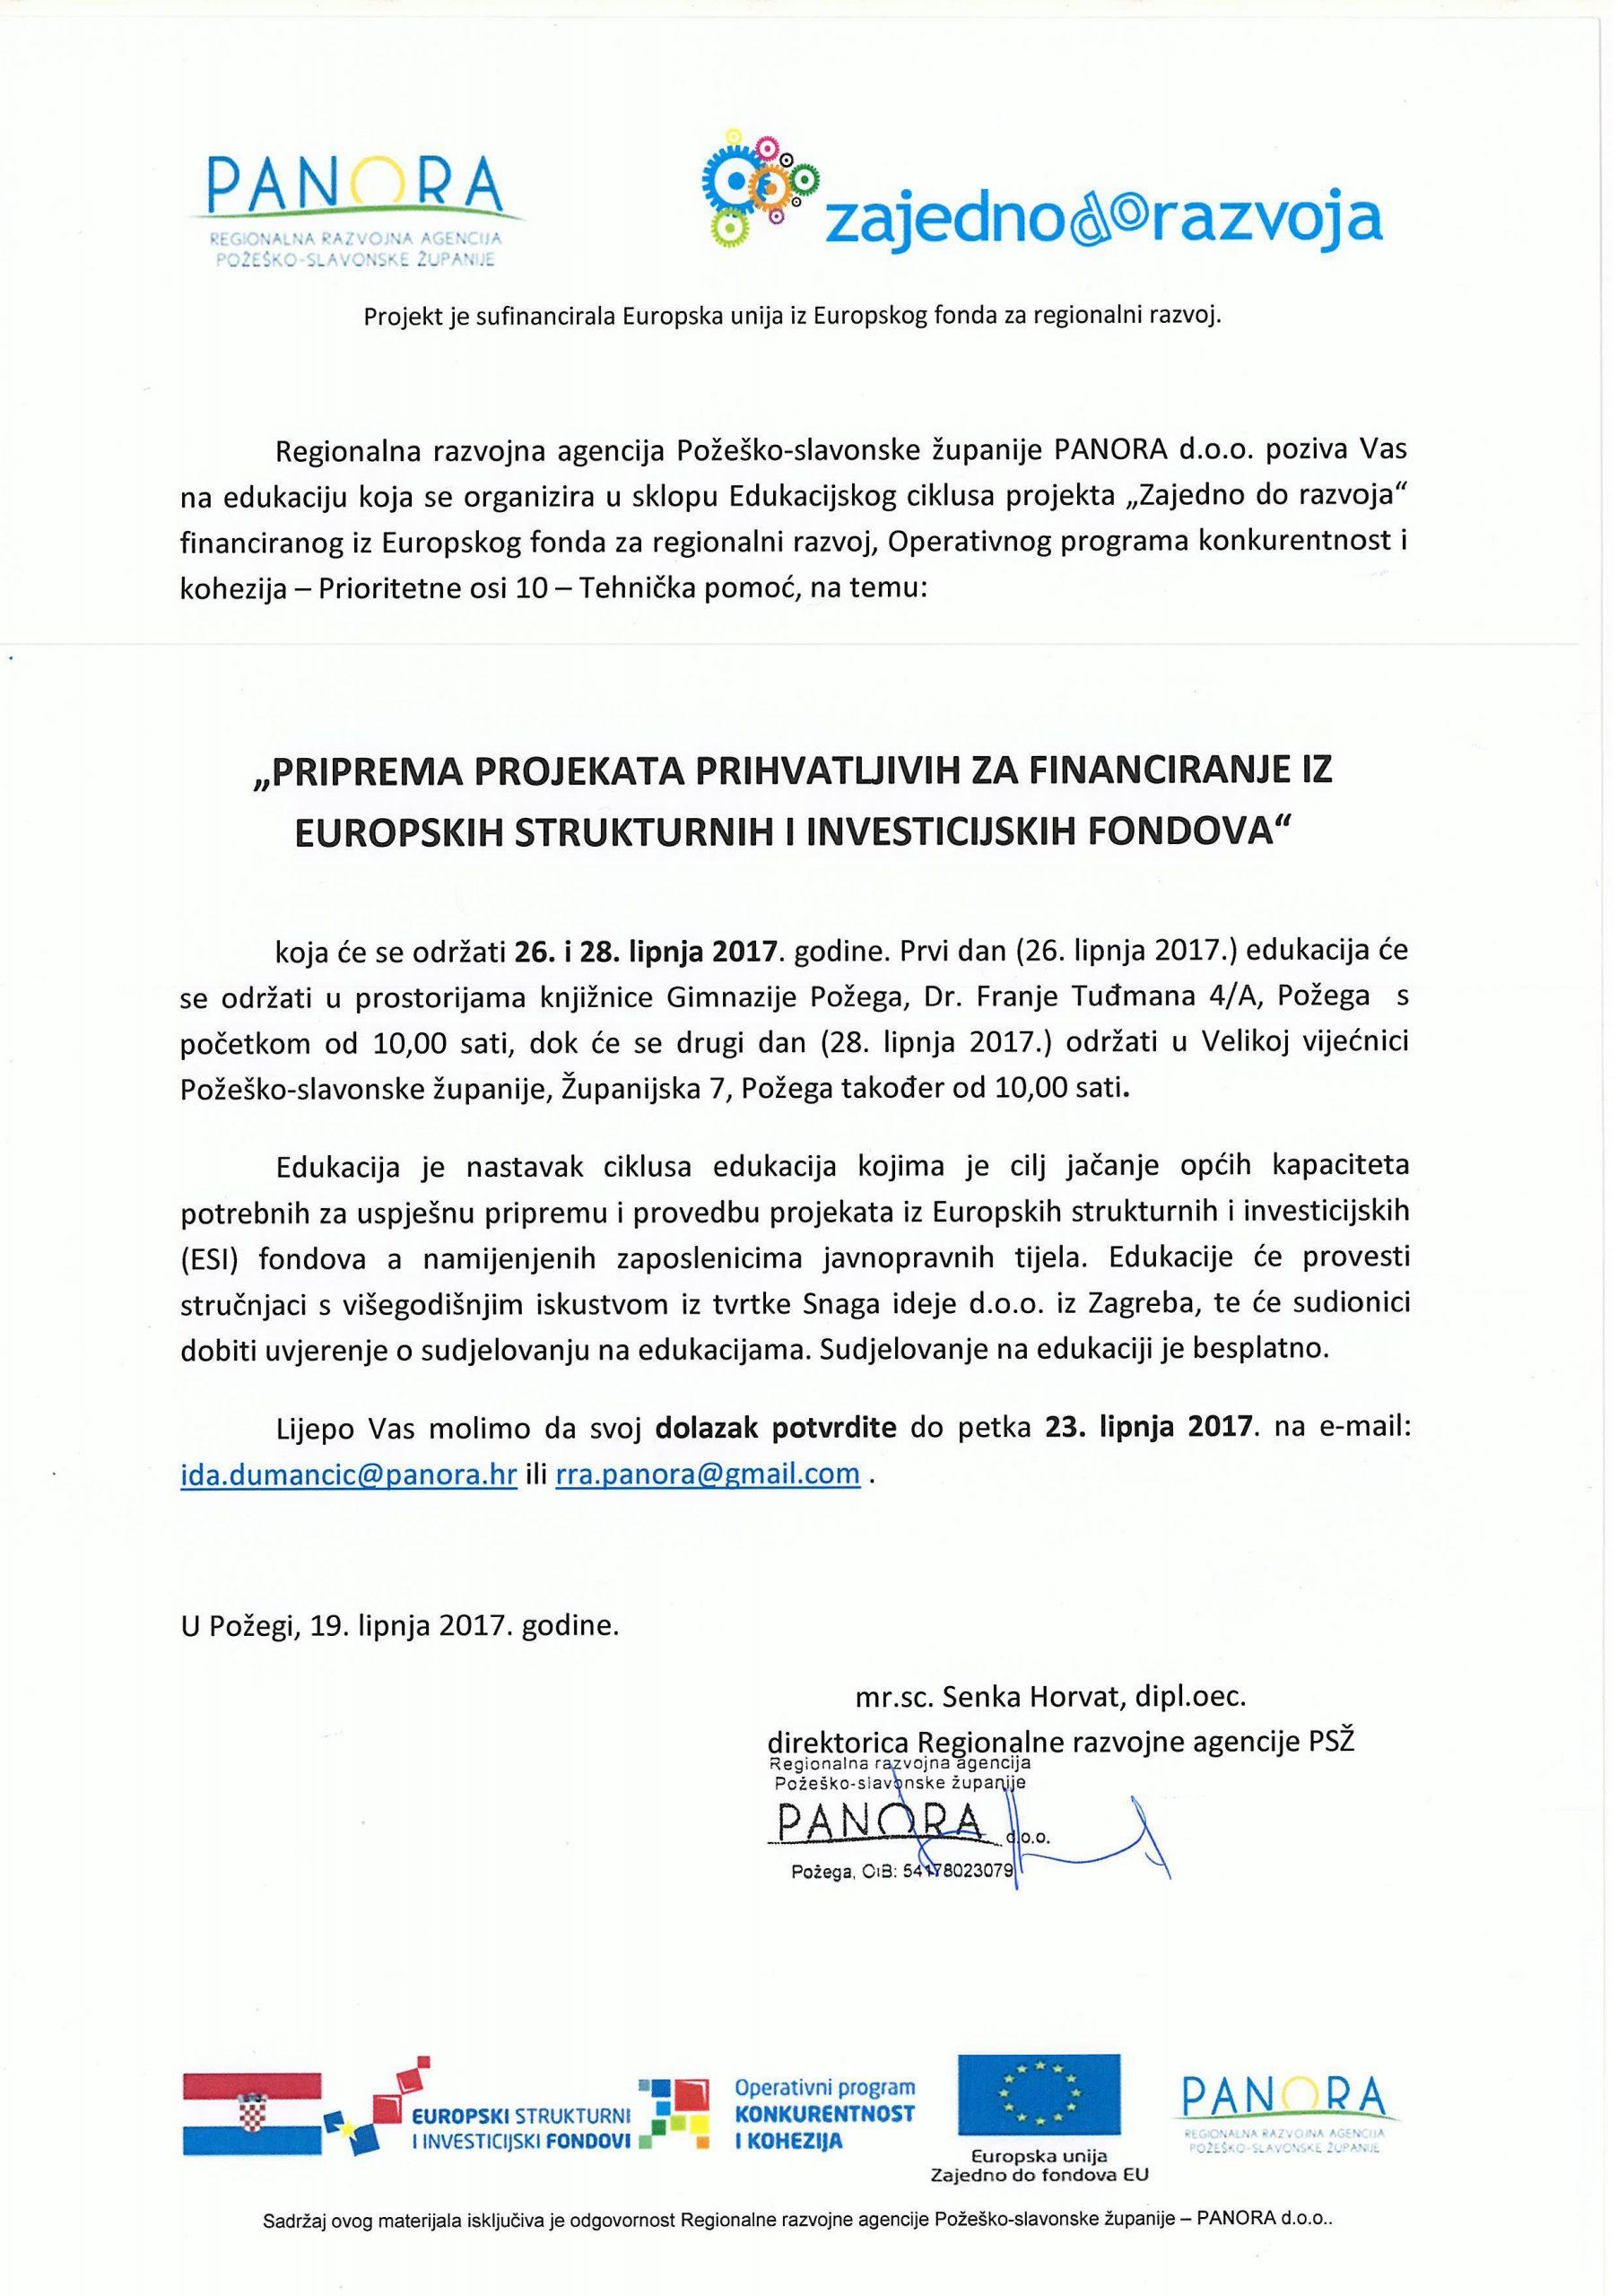 """Poziv na edukaciju """"Priprema projekata prihvatljivih za financiranje iz Europskih strukturnih i investicijskih fondova"""""""